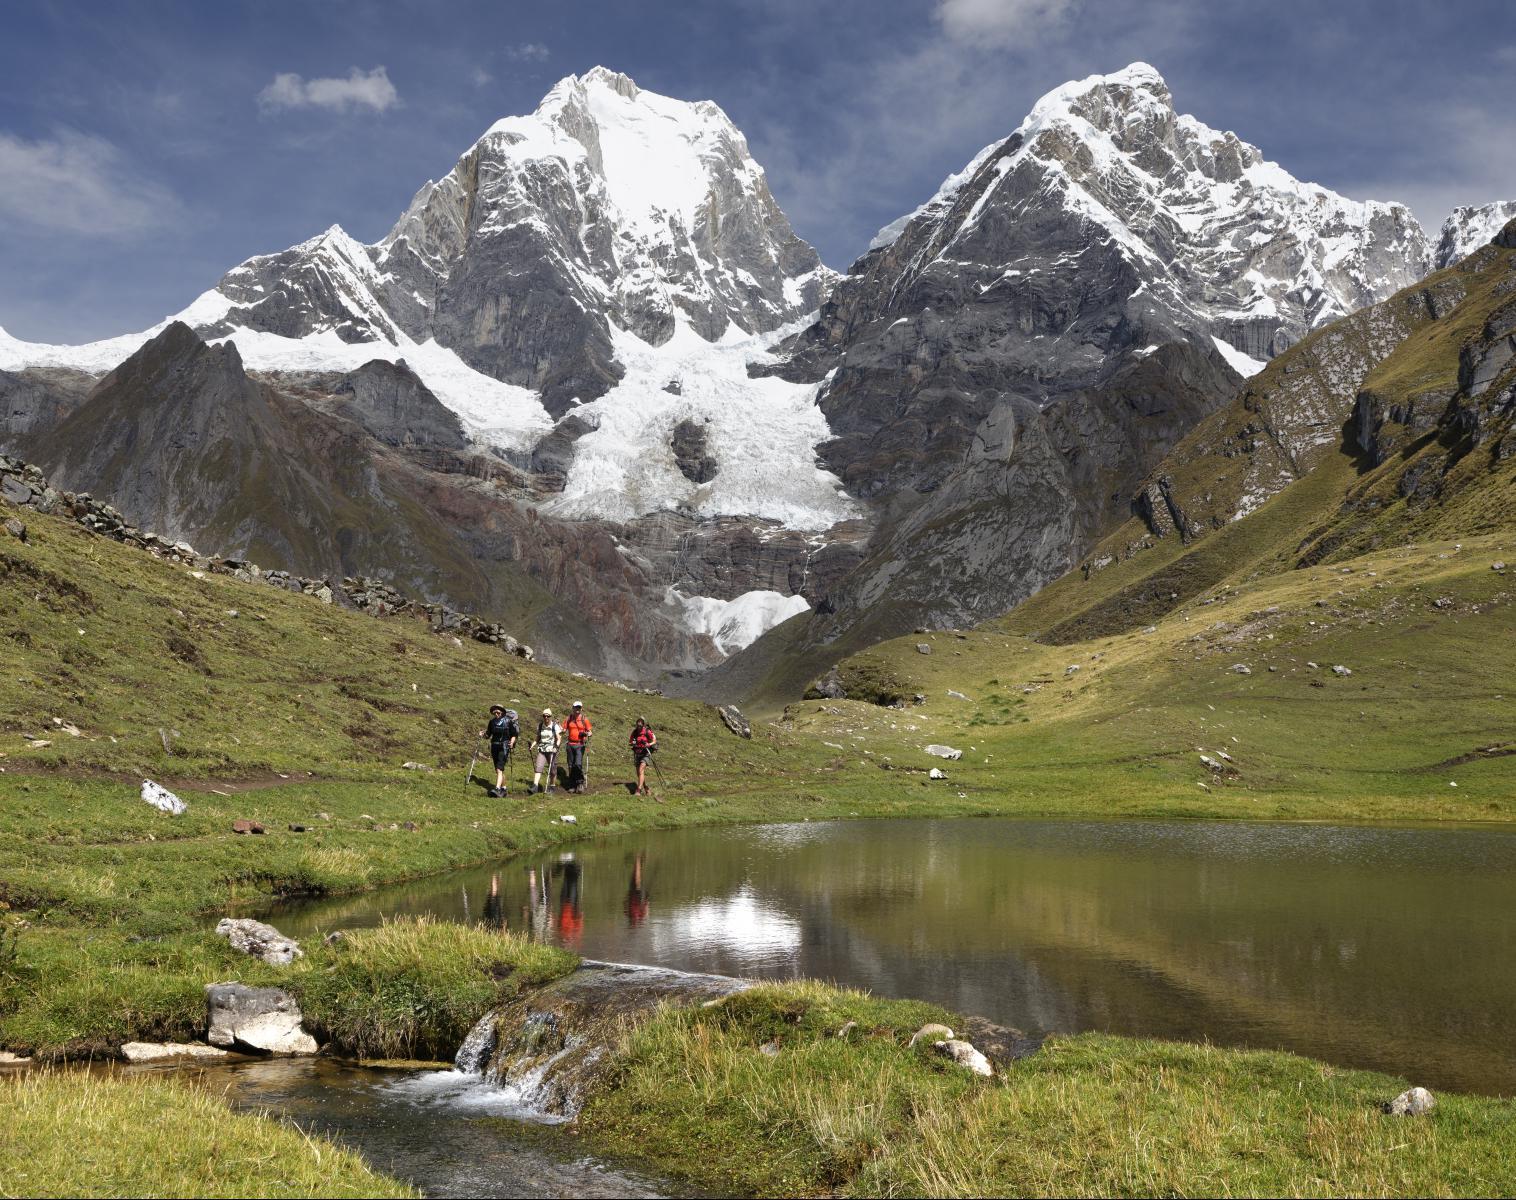 Pérou  Visions Mythiques du Pérou   Découverte Trek & Randonnée Rencontres et cultures du Monde